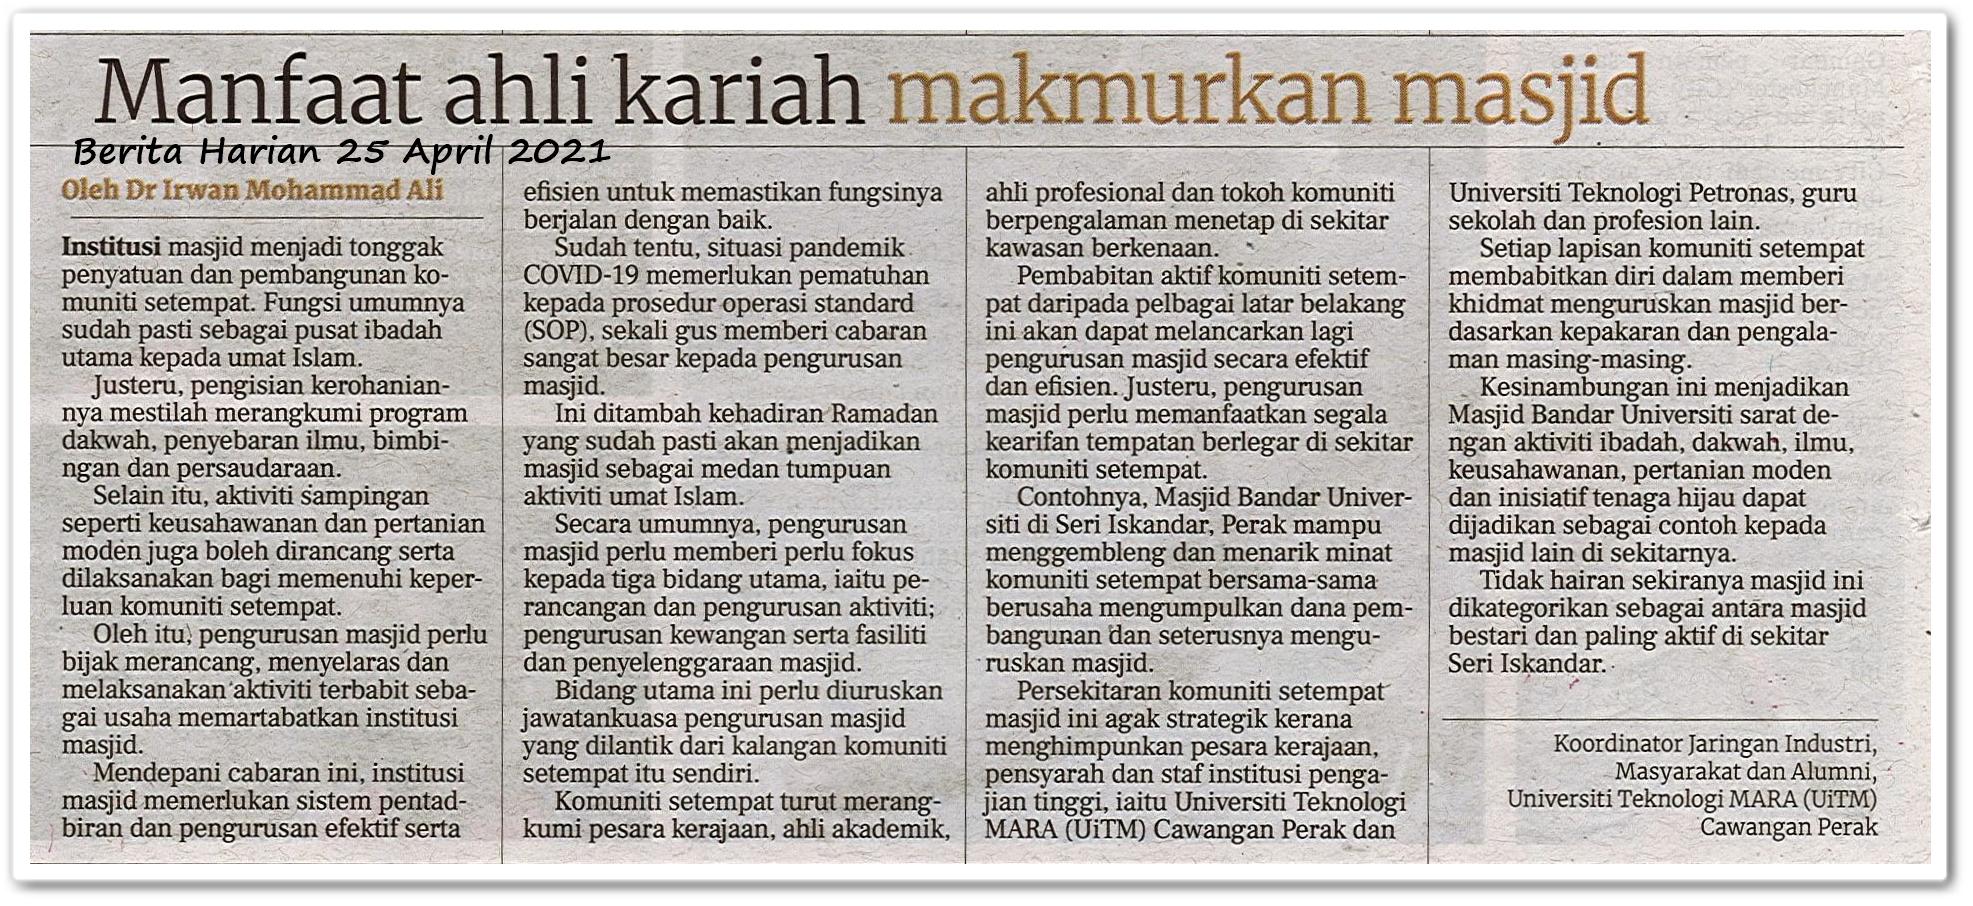 Manfaat ahli kariah makmurkan masjid - Keratan akhbar Berita Harian 25 April 2021